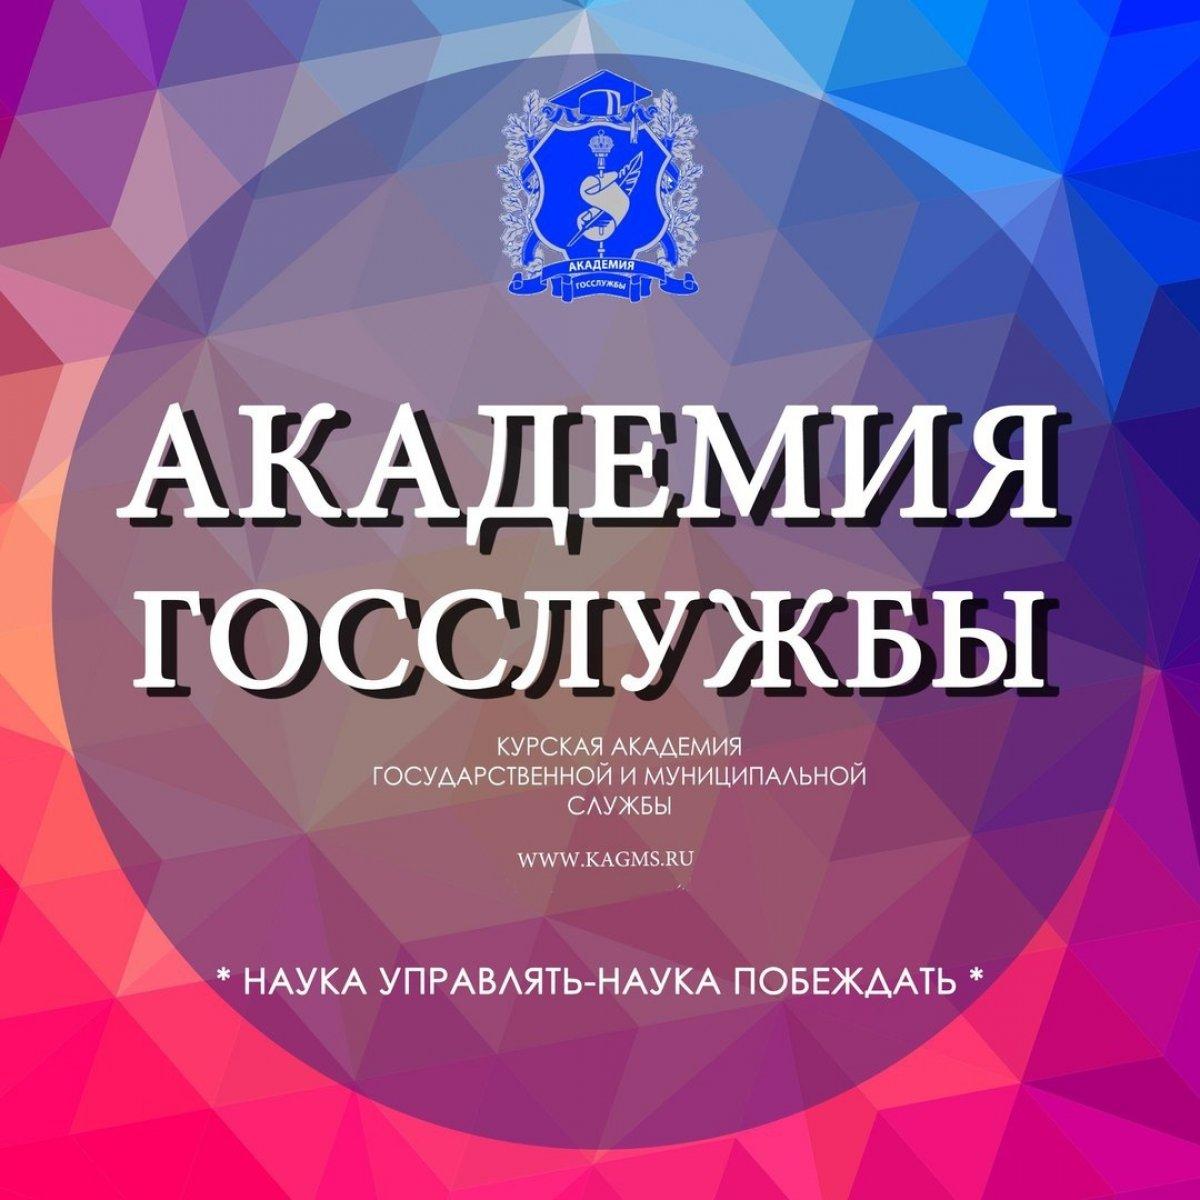 📚Сдал ЕГЭ? Молодец! Получай аттестат и приходи в Курскую академию государственной и муниципальной службы!